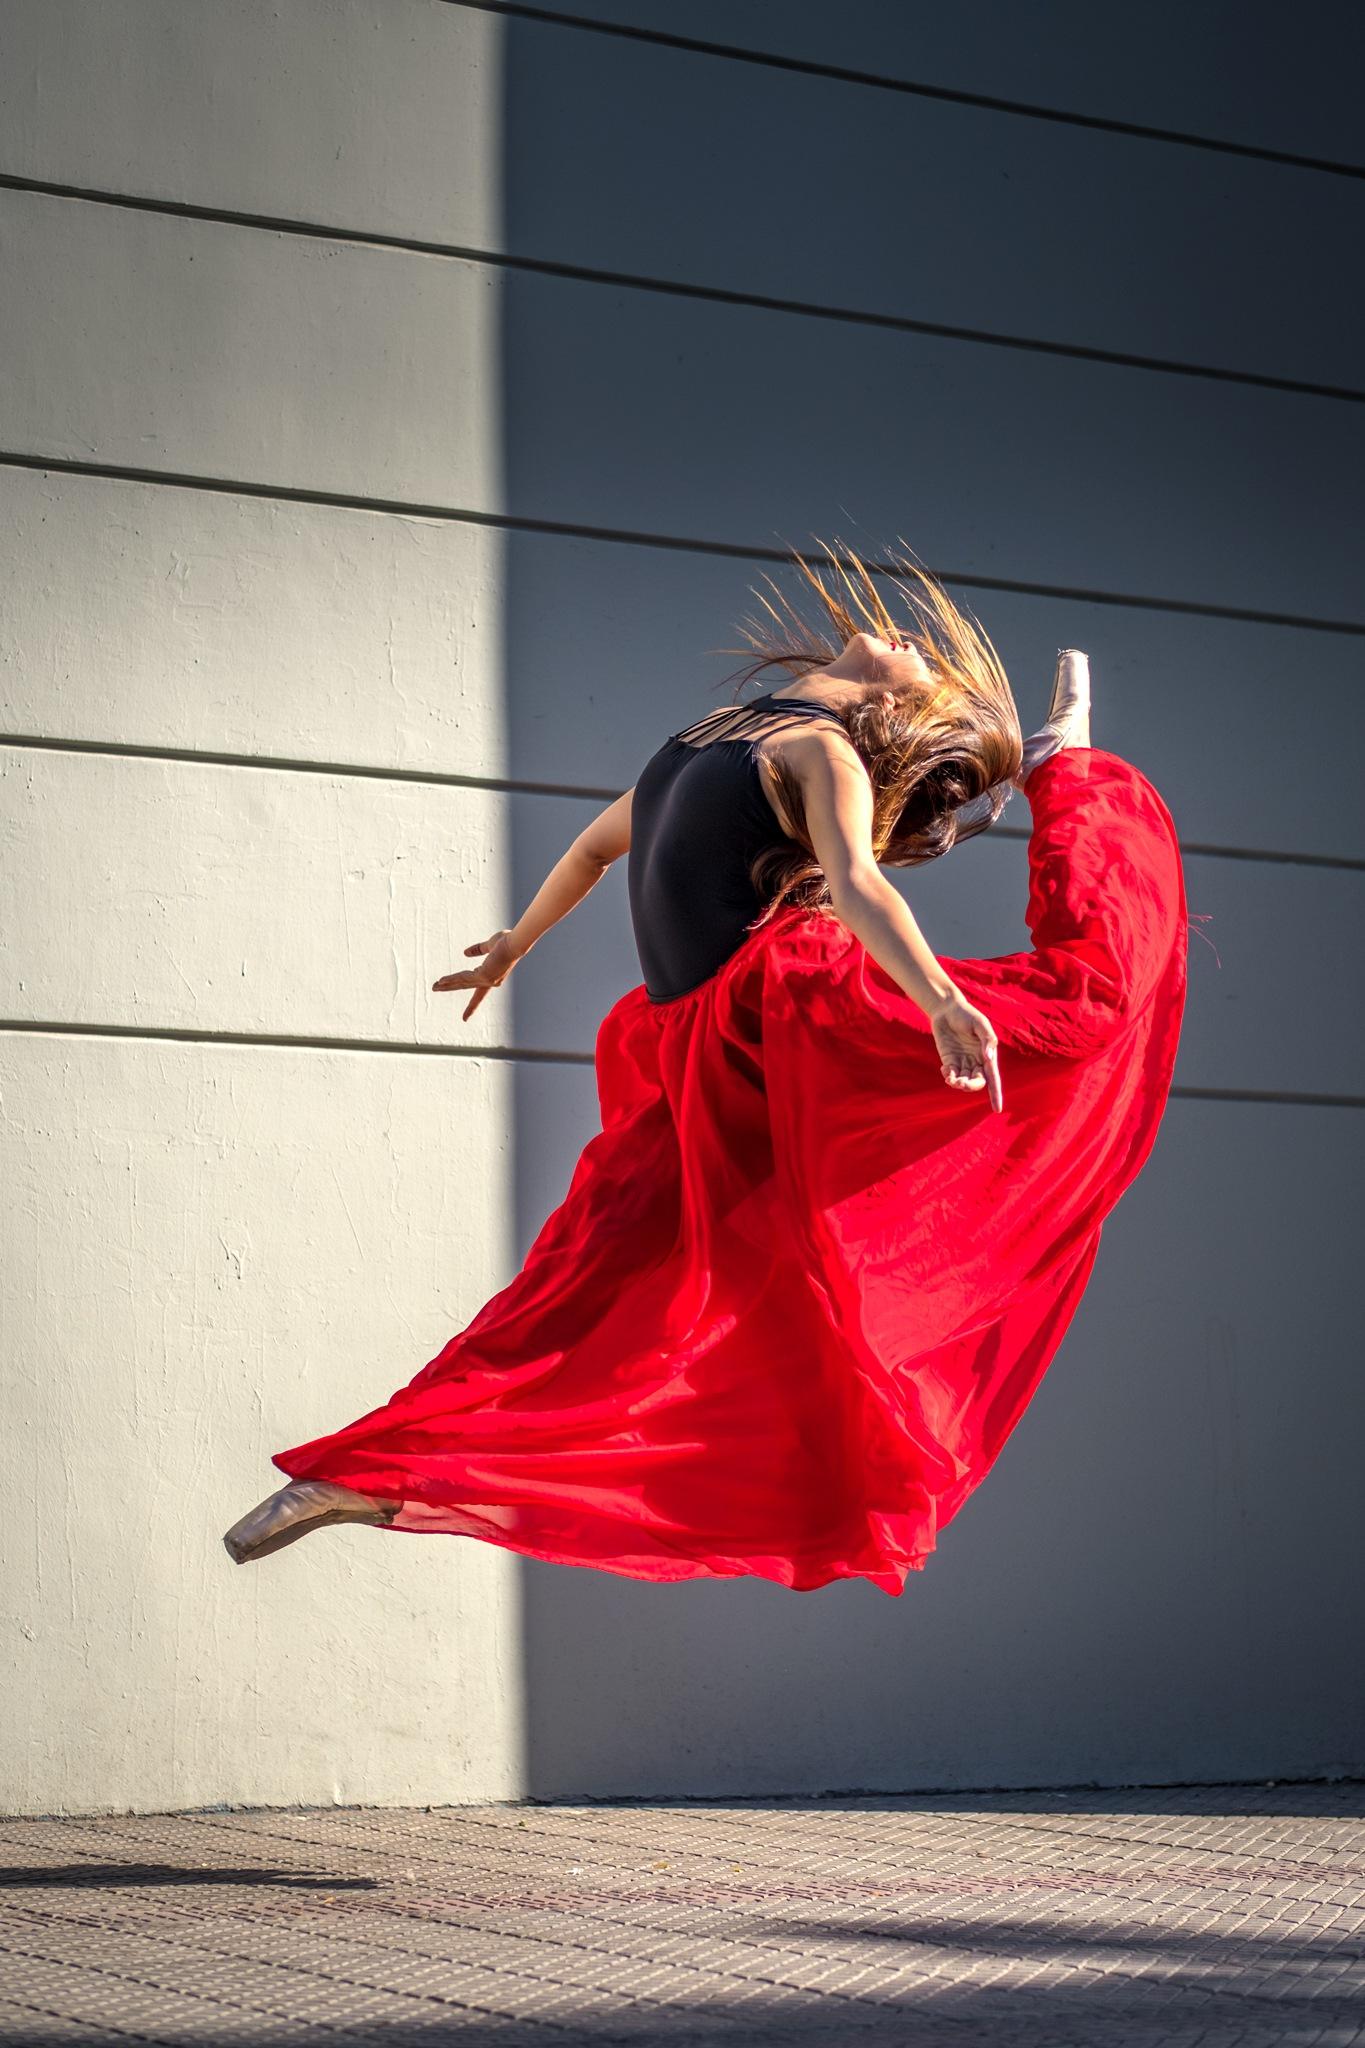 Danza Urbana by Hugh Honeyman